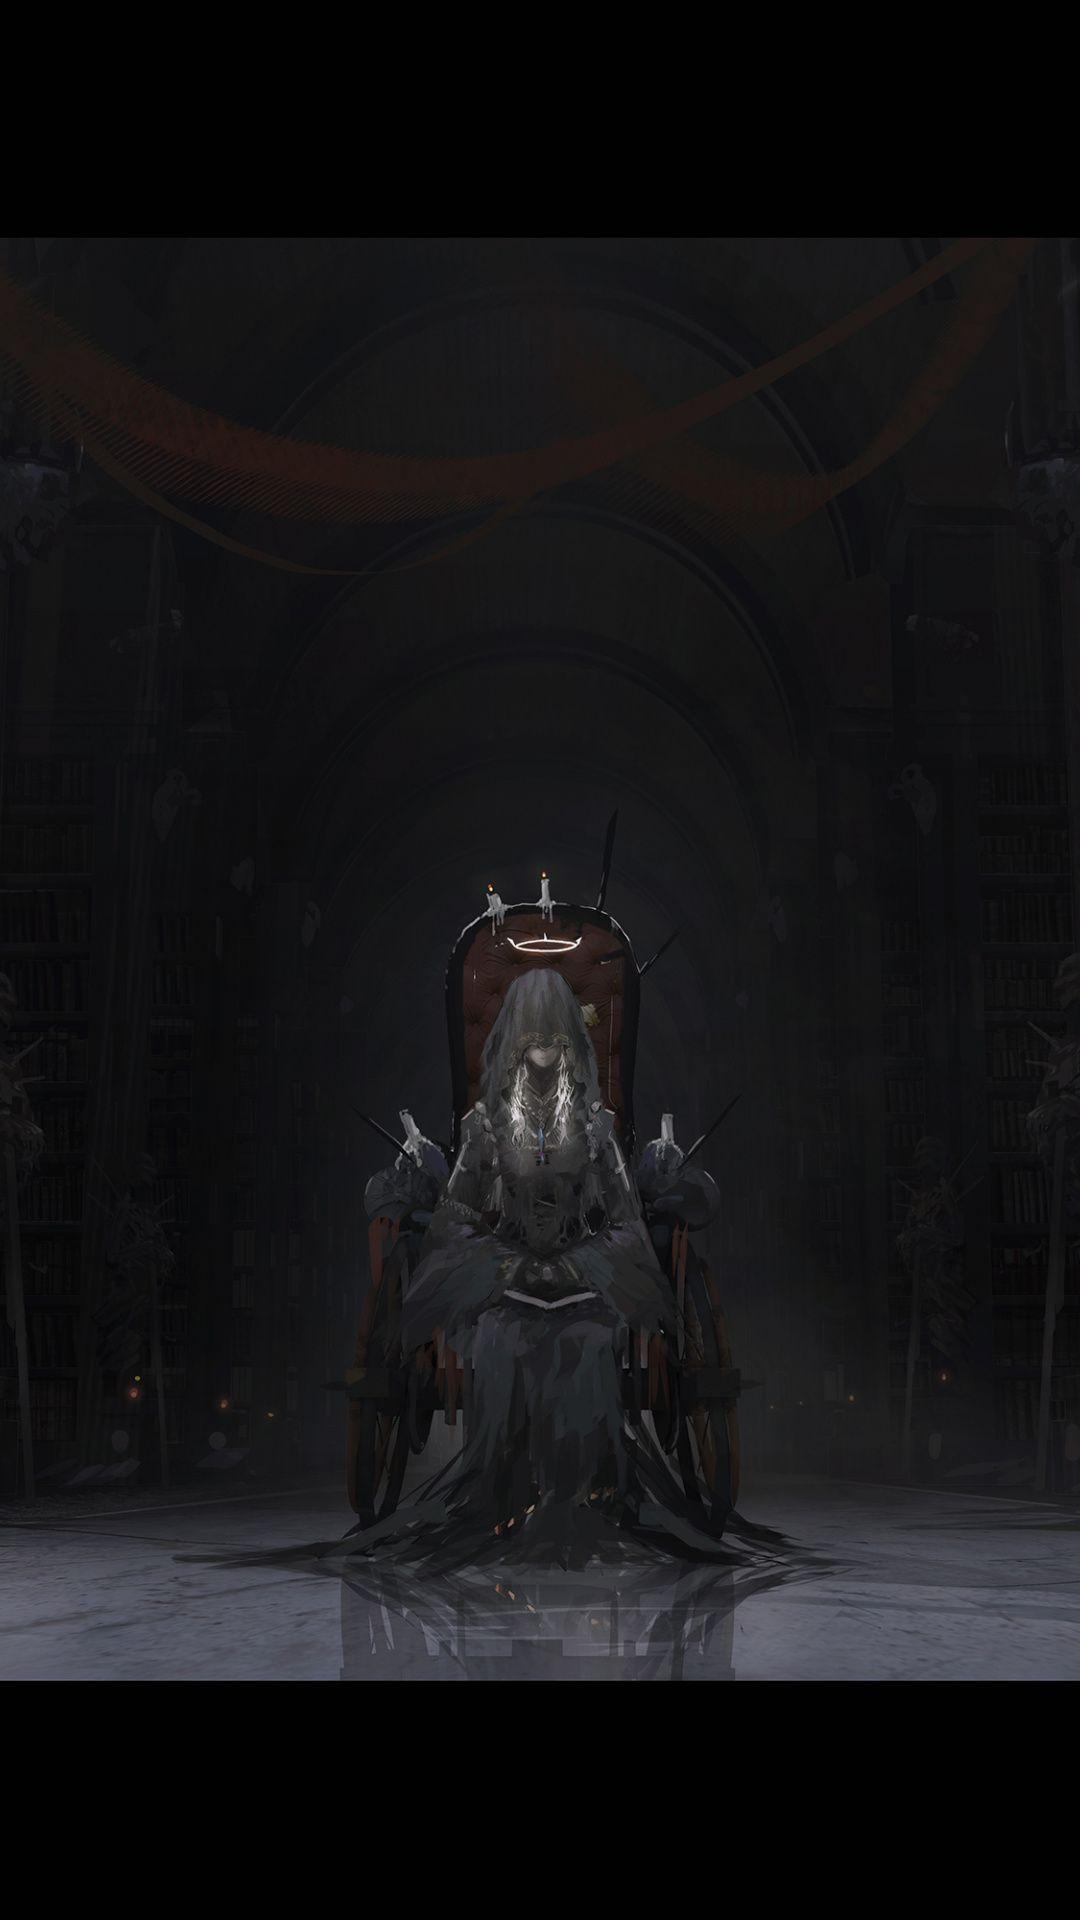 Angel Bloodborne Artwork Dark Wallpaper